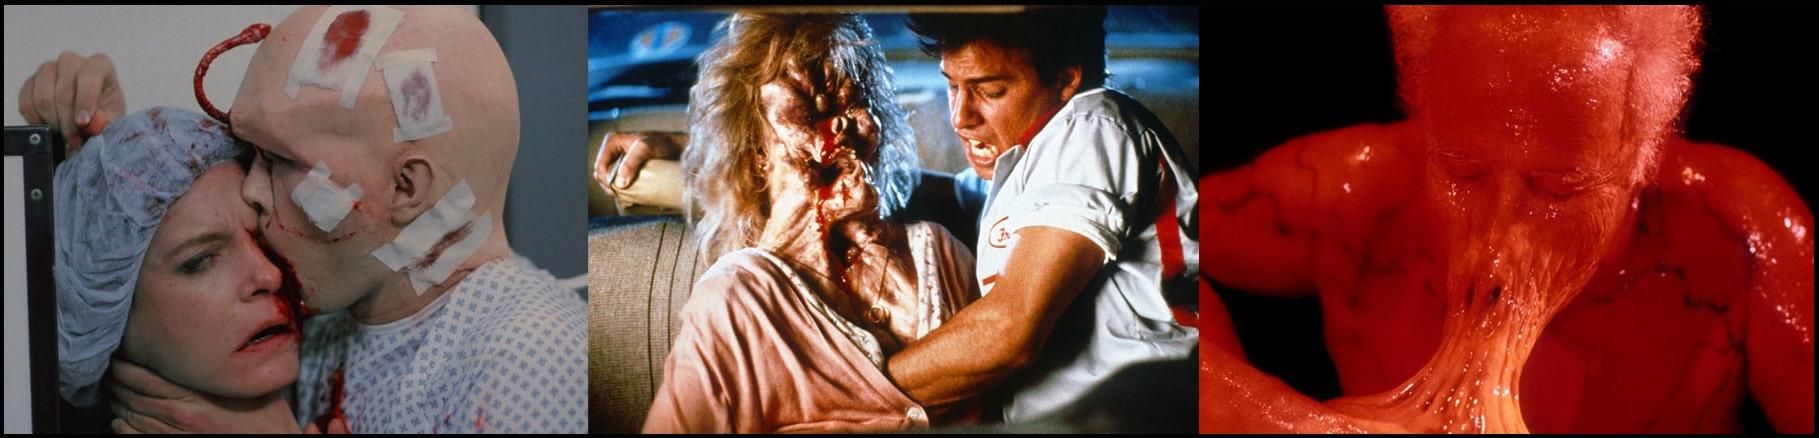 Body Horror 80s